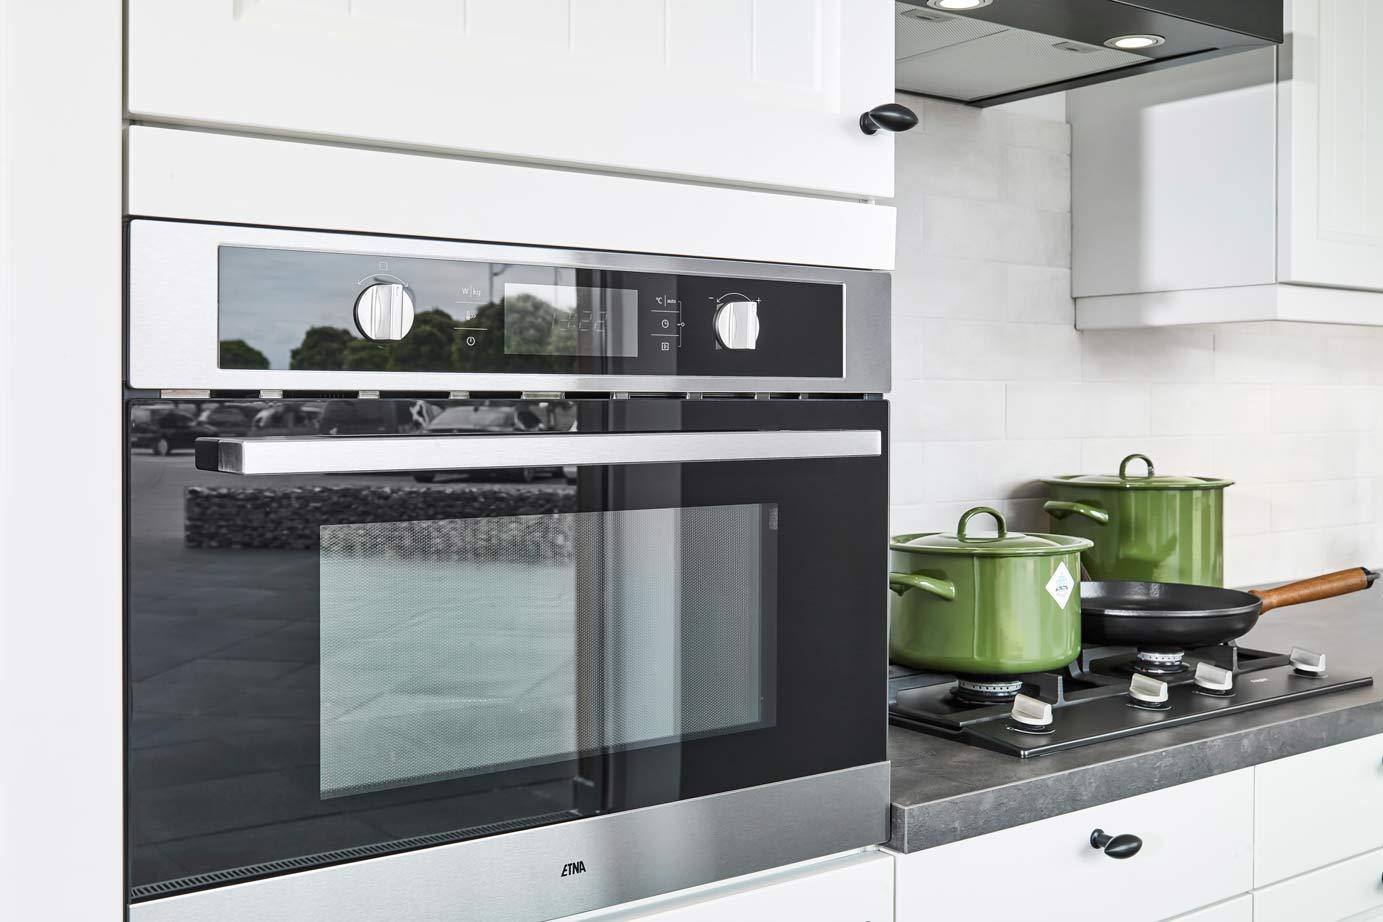 Smalle Landelijke Keuken : Landelijke keuken compleet set etna apparatuur db keukens